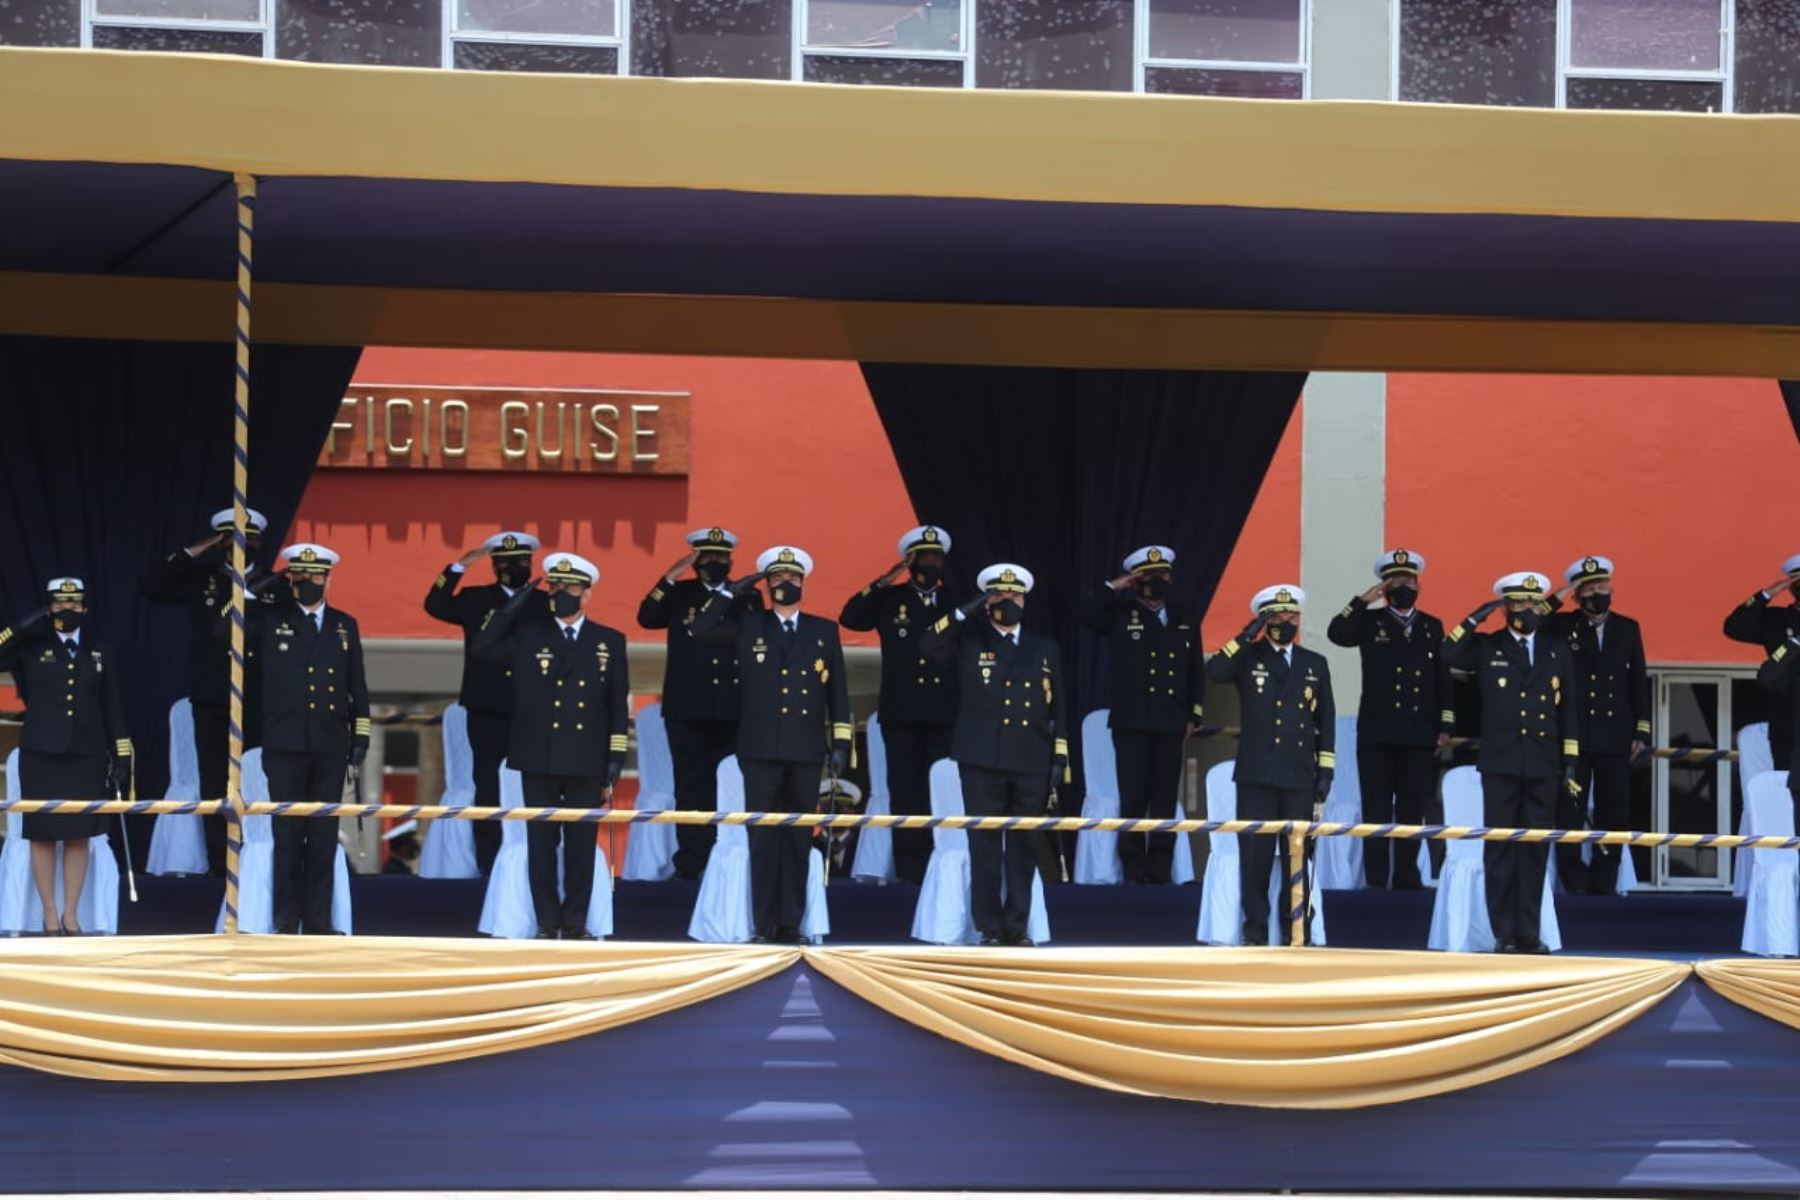 El presidente de la República, Martín Vizcarra, preside la ceremonia por el 199° aniversario de la Marina de Guerra del Perú y el 141º aniversario del Combate Naval de Angamos. Foto: ANDINA/ Prensa Presidencia